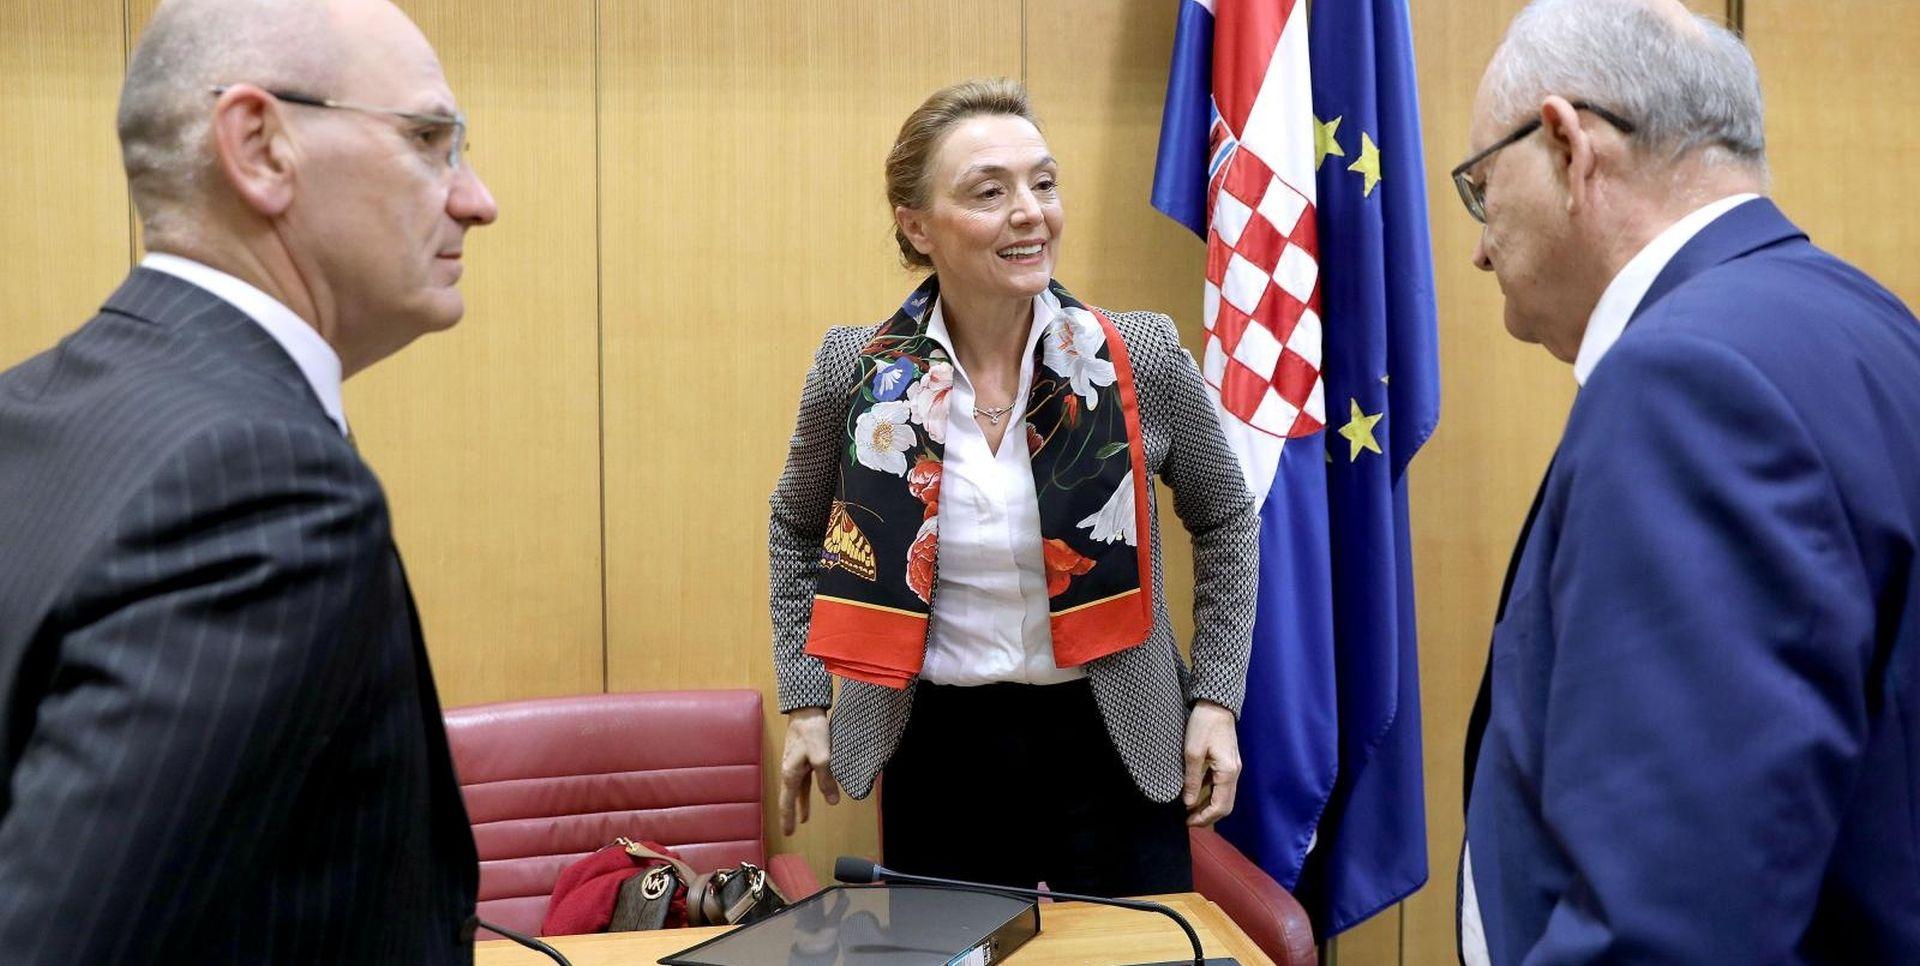 Parlament BiH priprema rezoluciju kao odgovor na deklaraciju Hrvatskog sabora